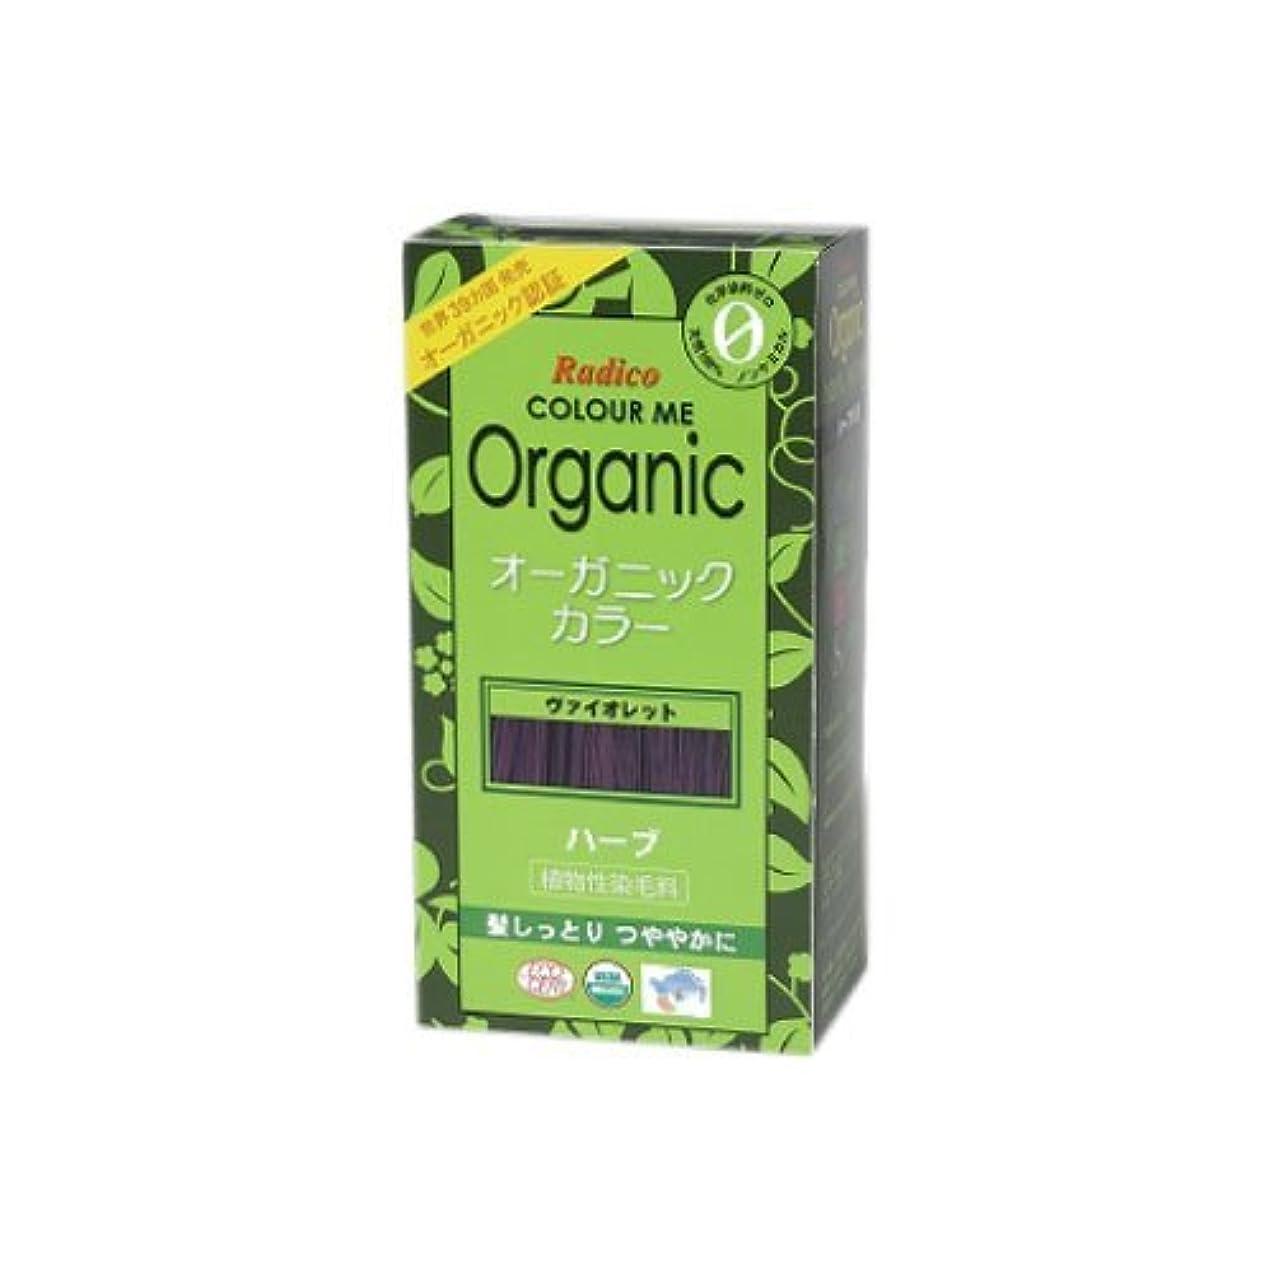 スピーチアラブ機械的にCOLOURME Organic (カラーミーオーガニック ヘナ 白髪用 紫色) ヴァイオレット 100g